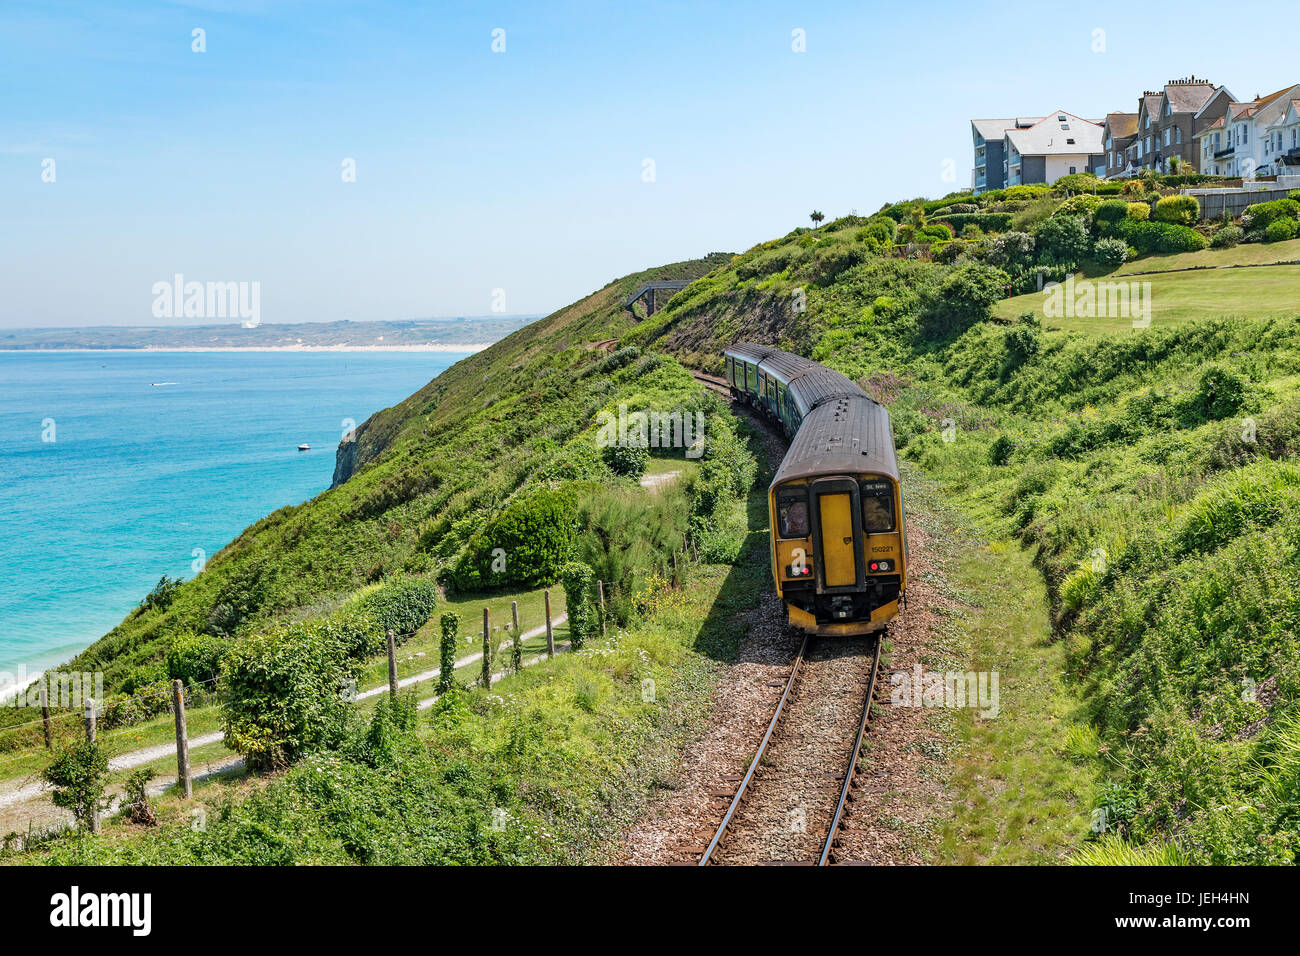 Il st.ives diramazione della linea ferroviaria che passa Carbis Bay in Cornovaglia, Inghilterra, Regno Unito. Immagini Stock